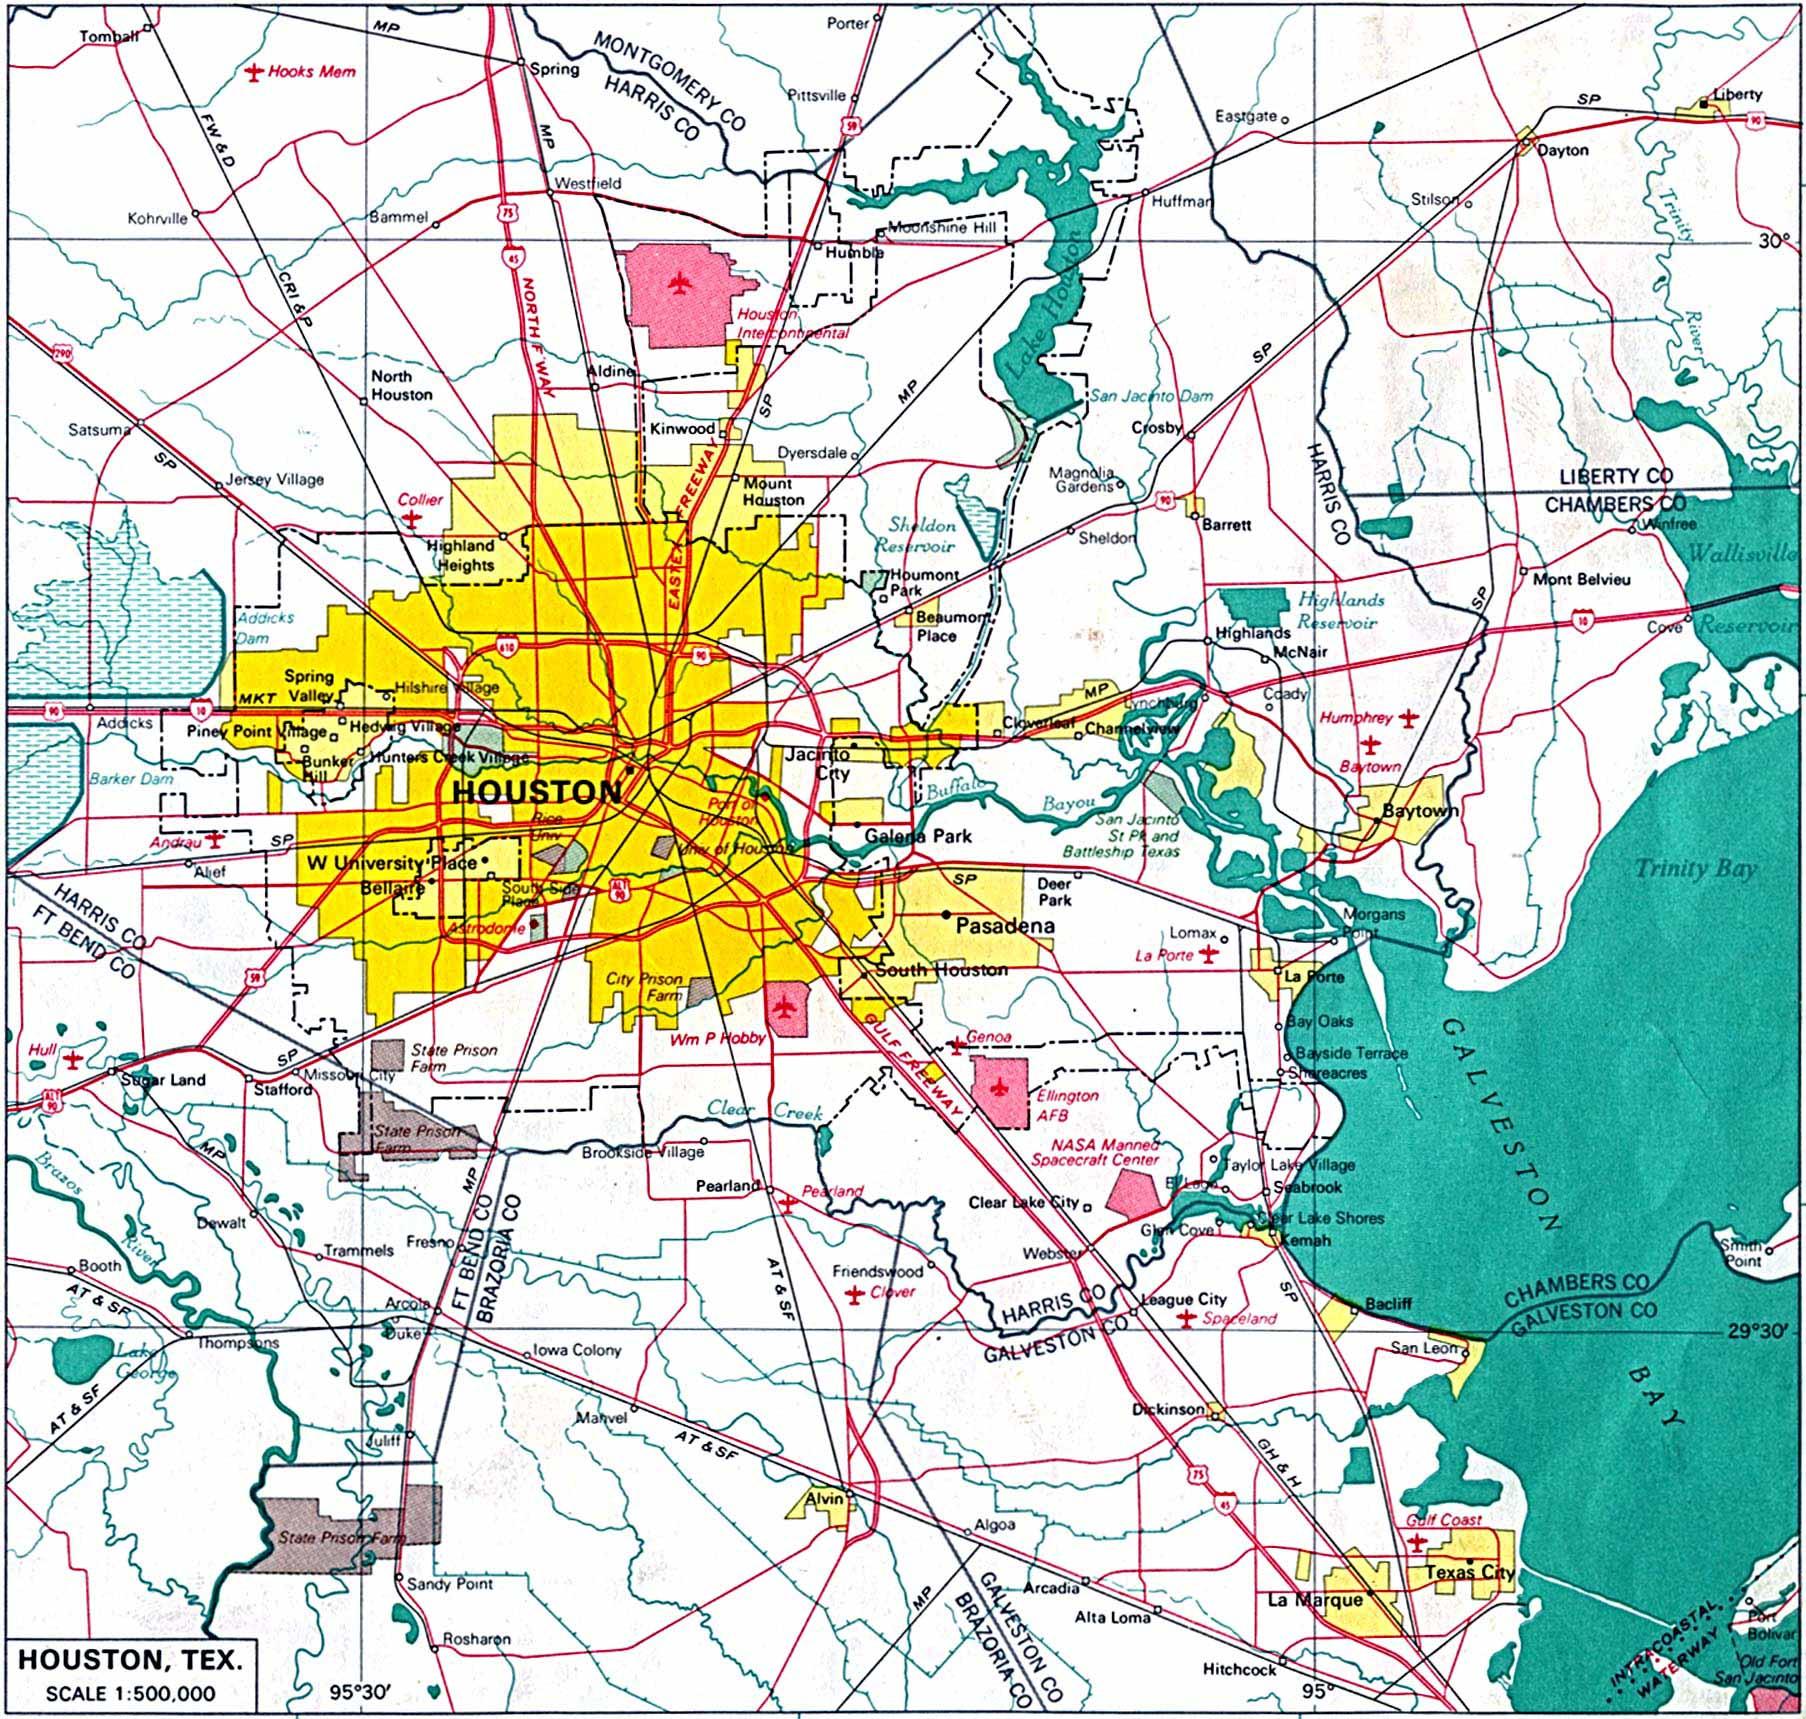 Cartes De Houston | Cartes Typographiques Détaillées De Houston - Houston Texas Google Maps